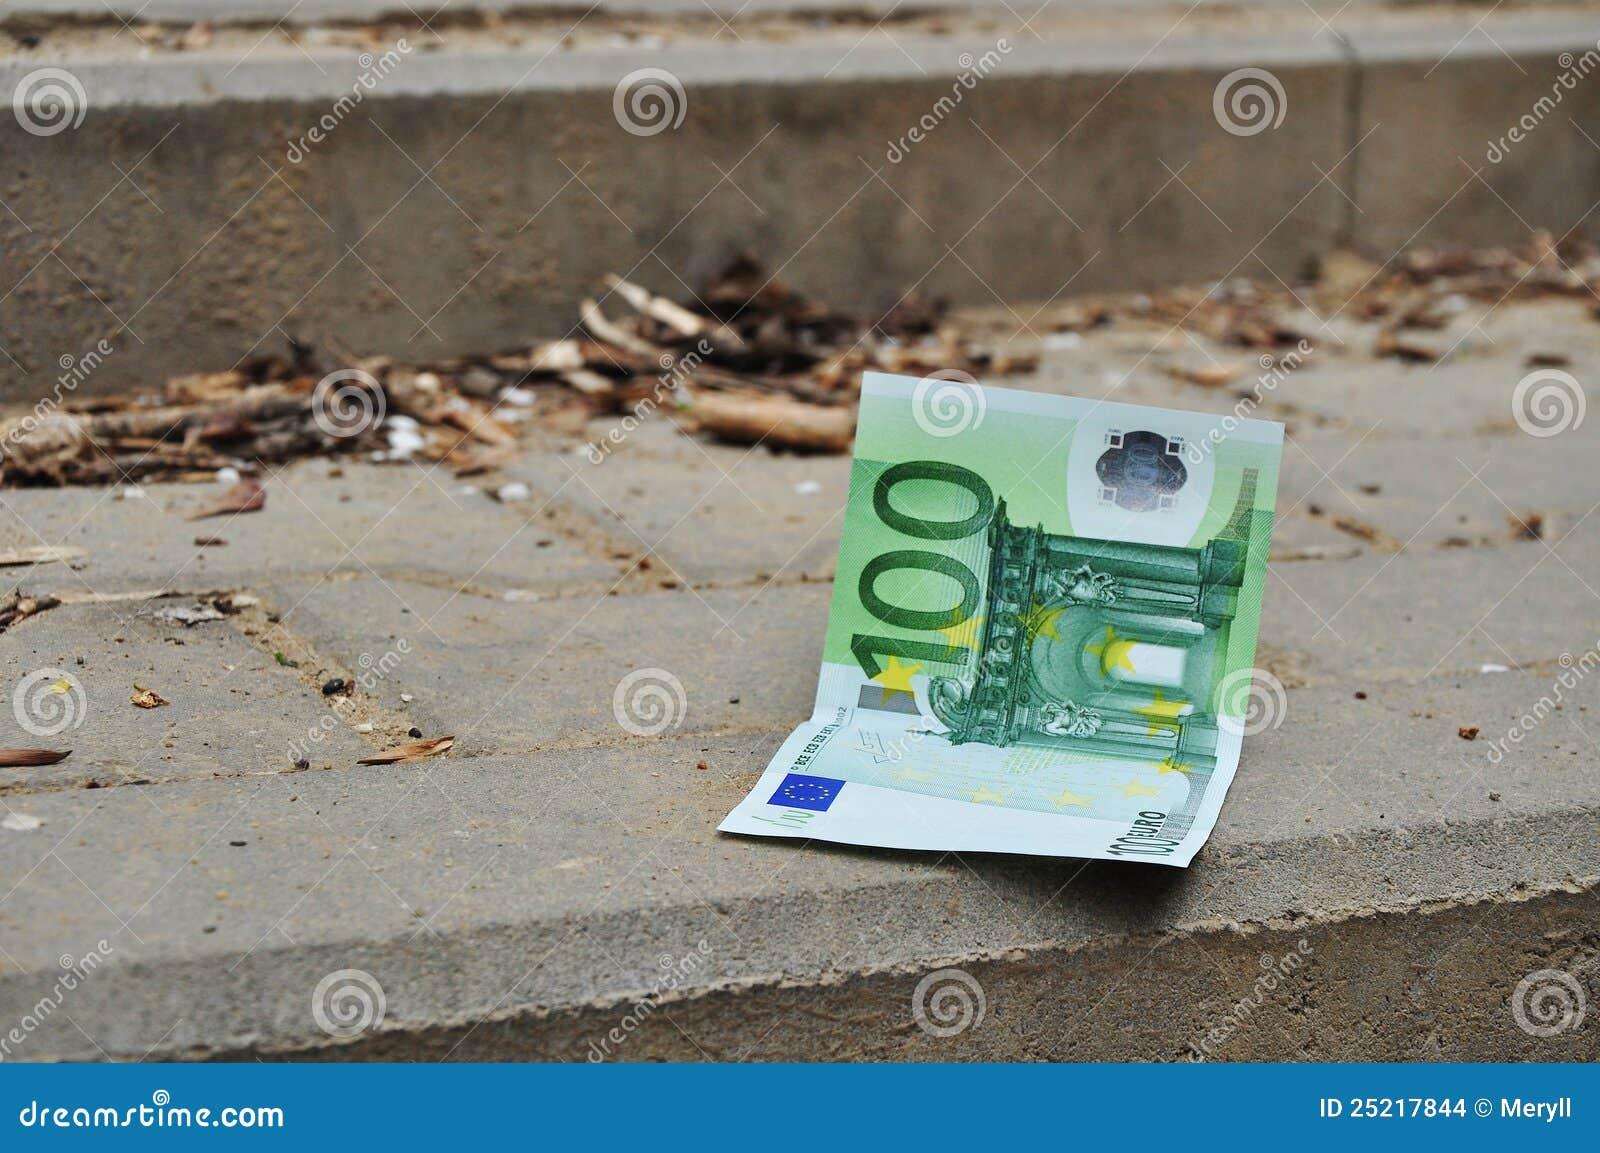 Anyoption Geld Verloren